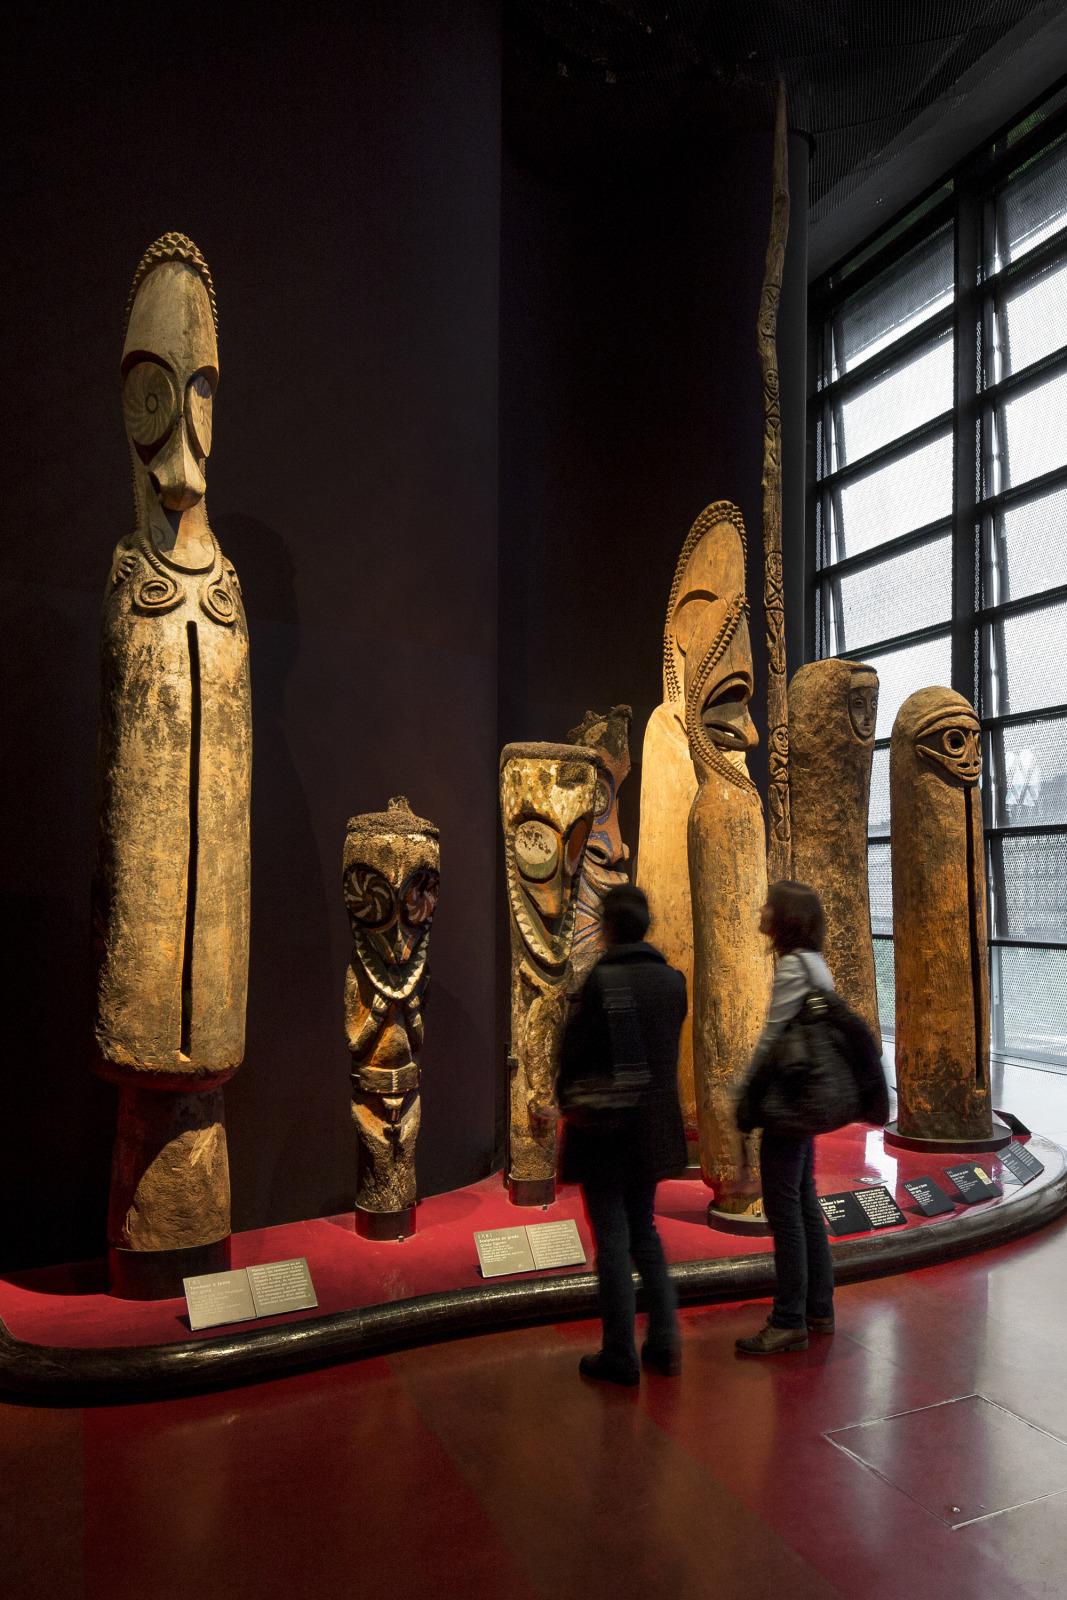 Le plateau des collections%252C zone Océanie Musée du quai Branly - Jacques Chirac Musée du quai Branly - Jacques Chirac%252FP. Tourneboeuf